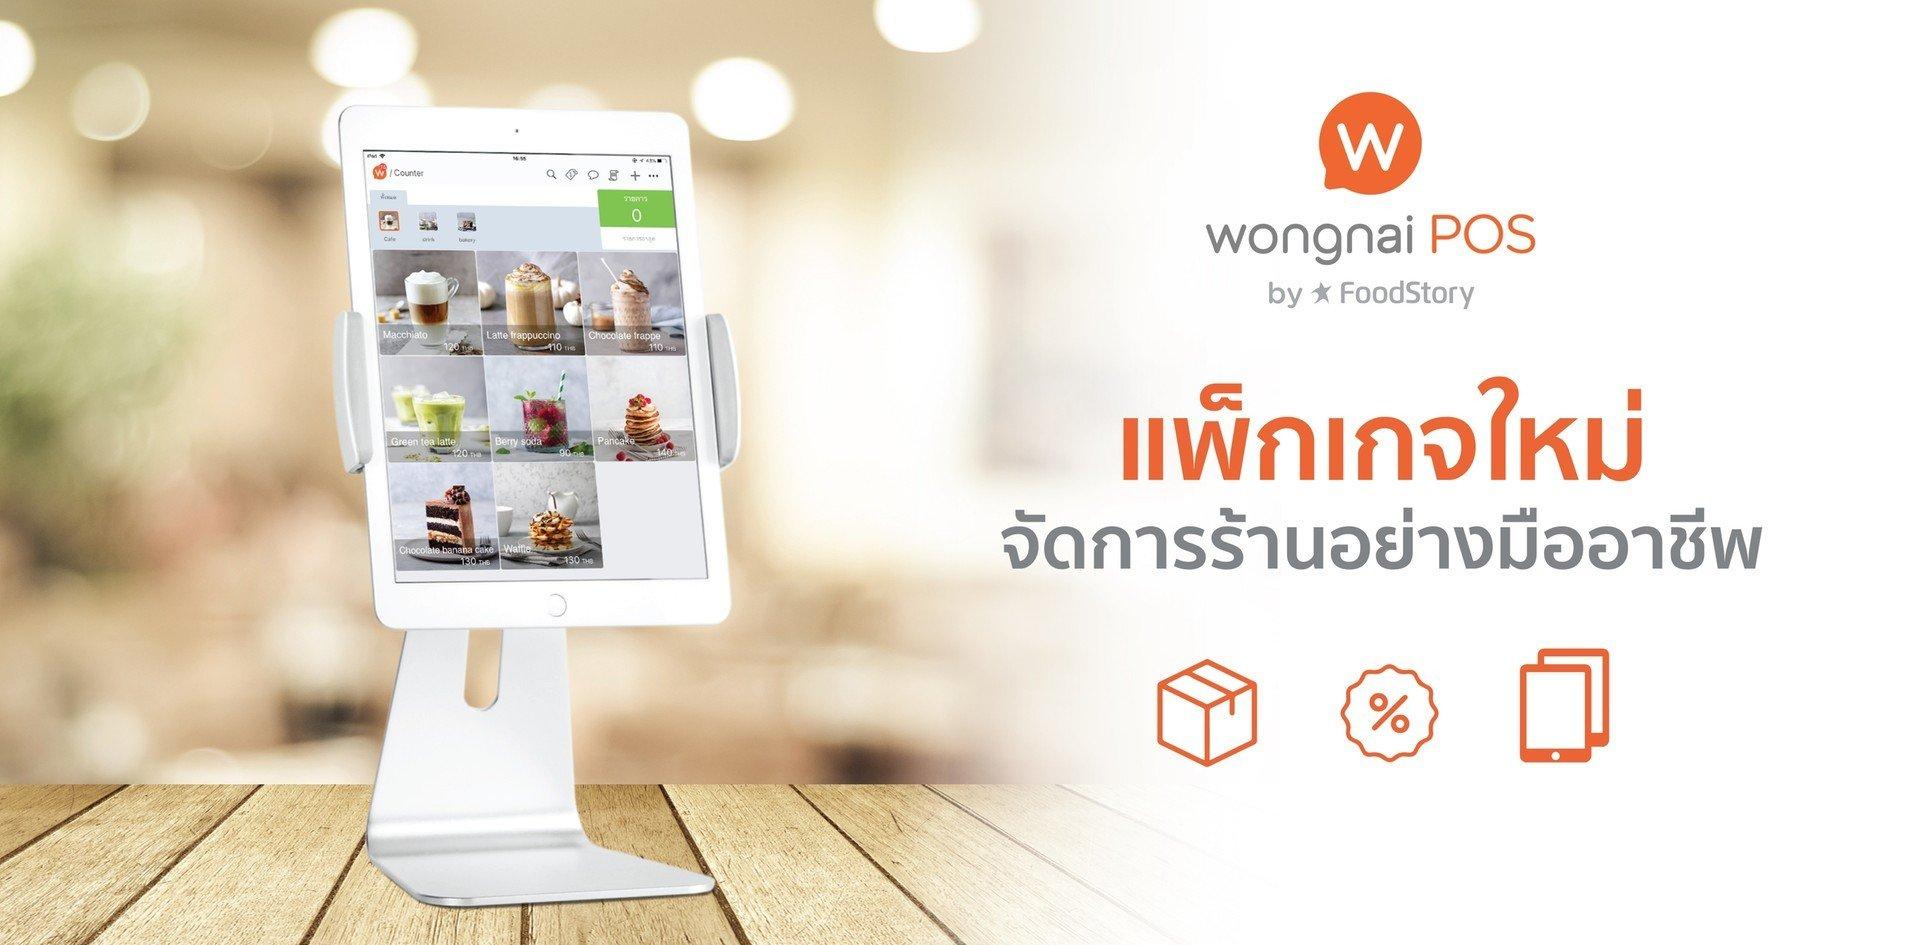 3 แพ็กเกจใหม่จากระบบ Wongnai POS จัดการร้านได้อย่างมืออาชีพ !